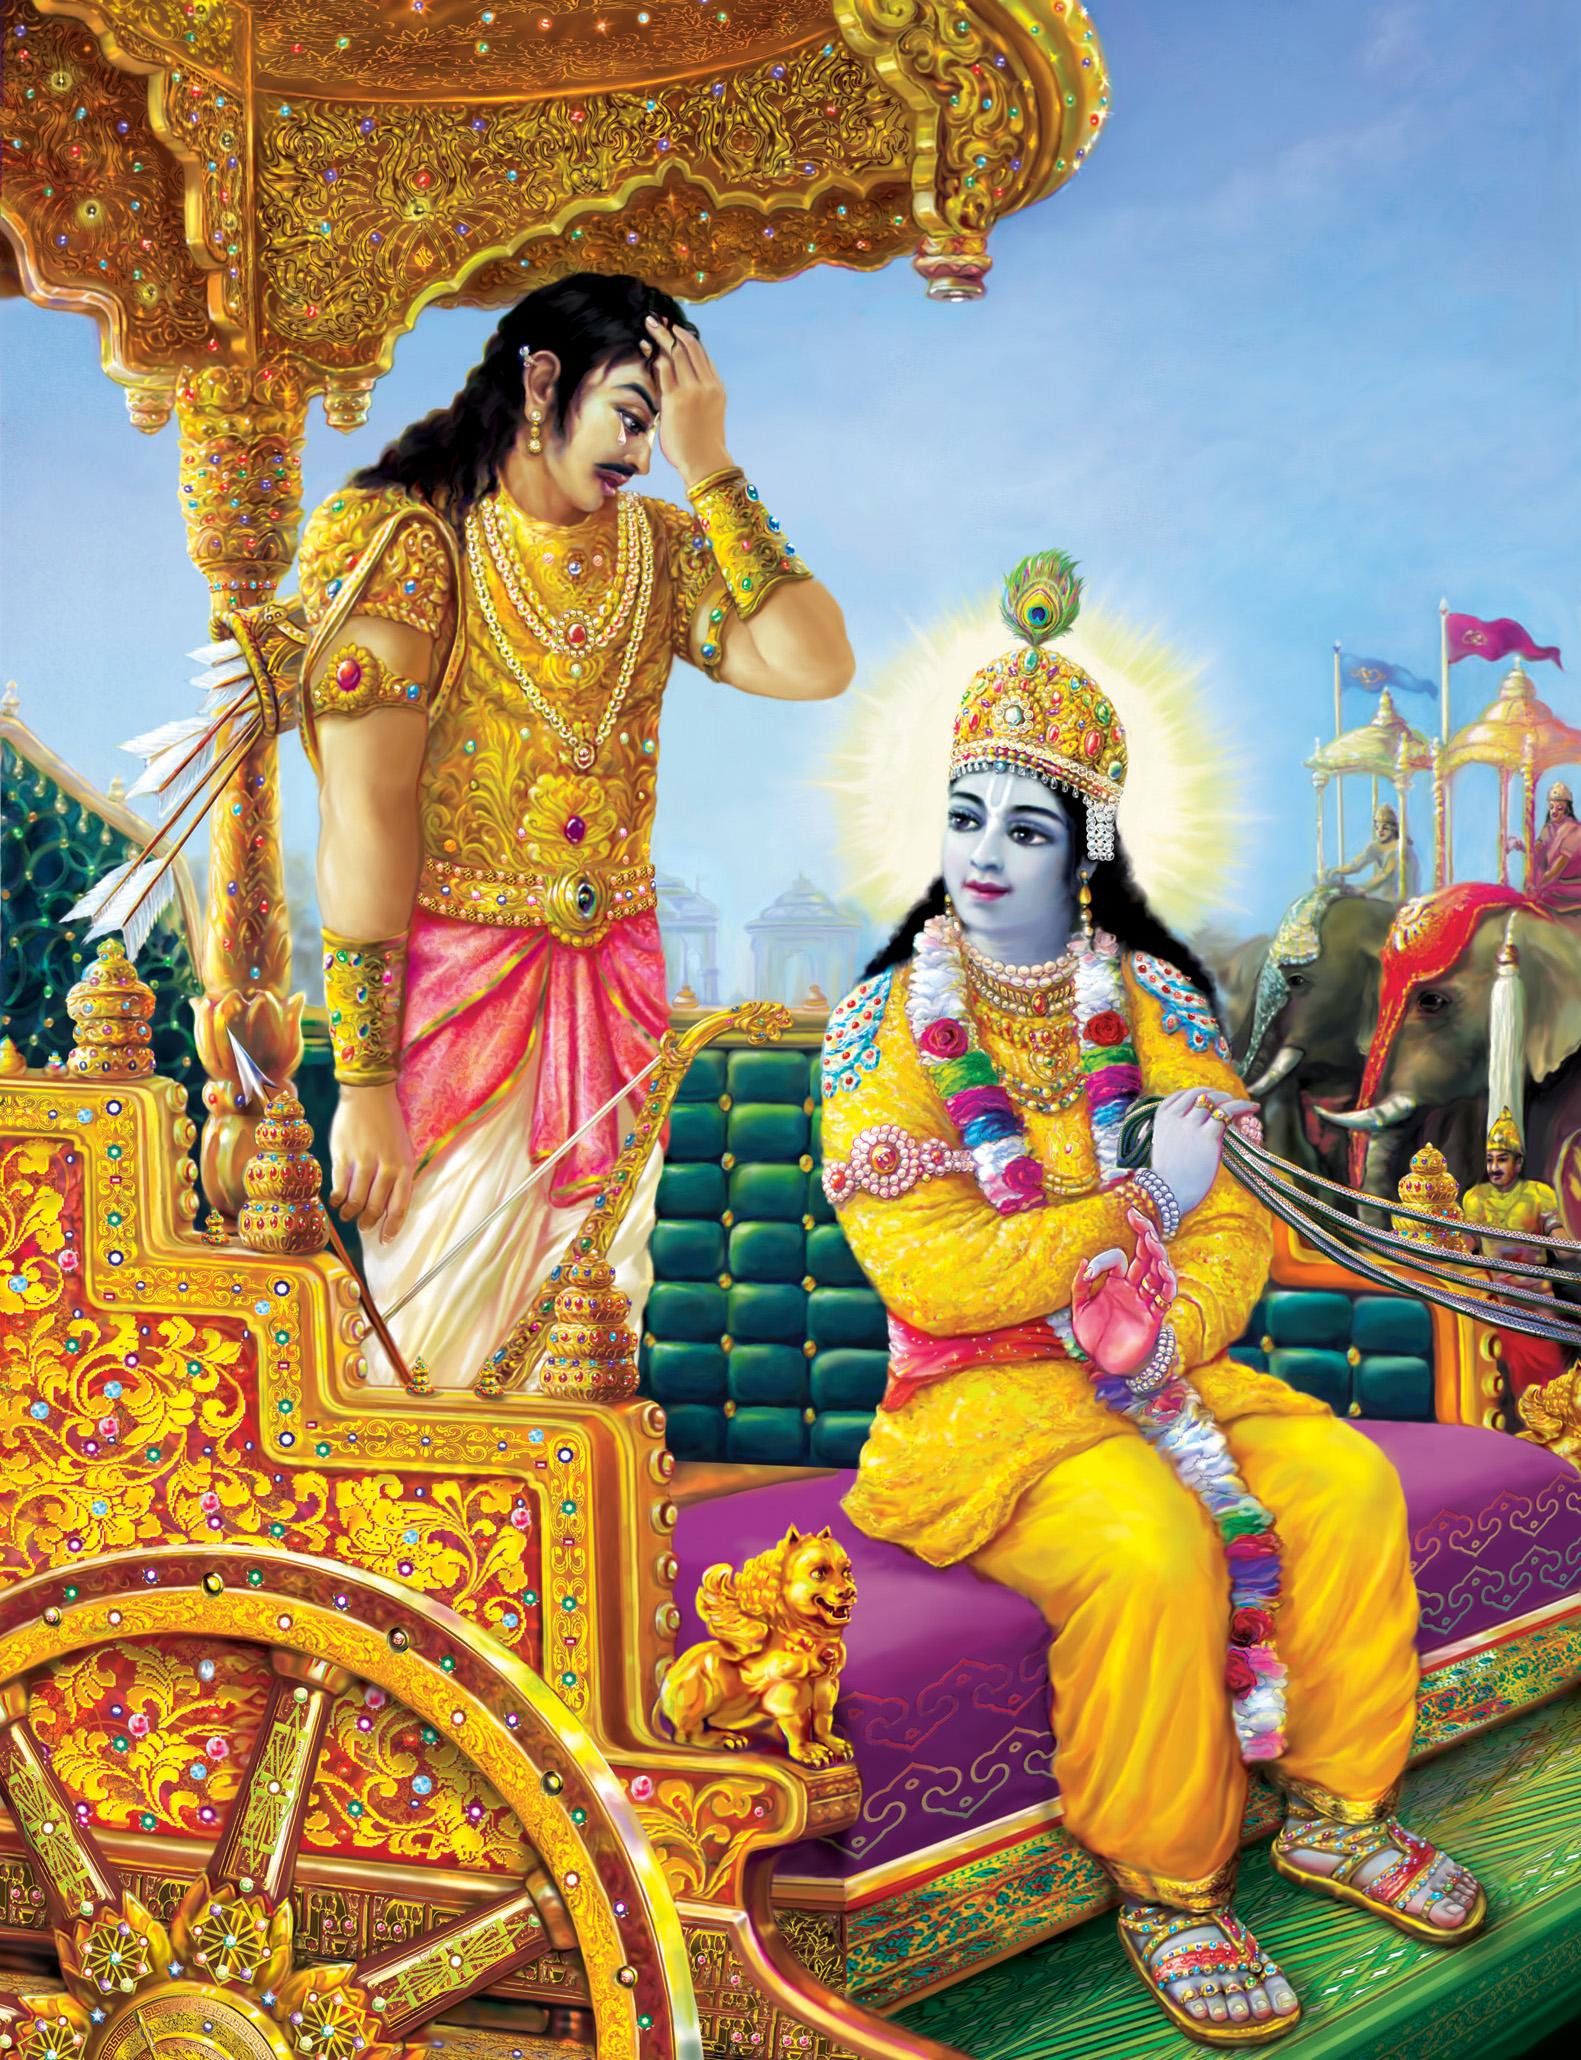 The Right Stand: The Gita Controversy